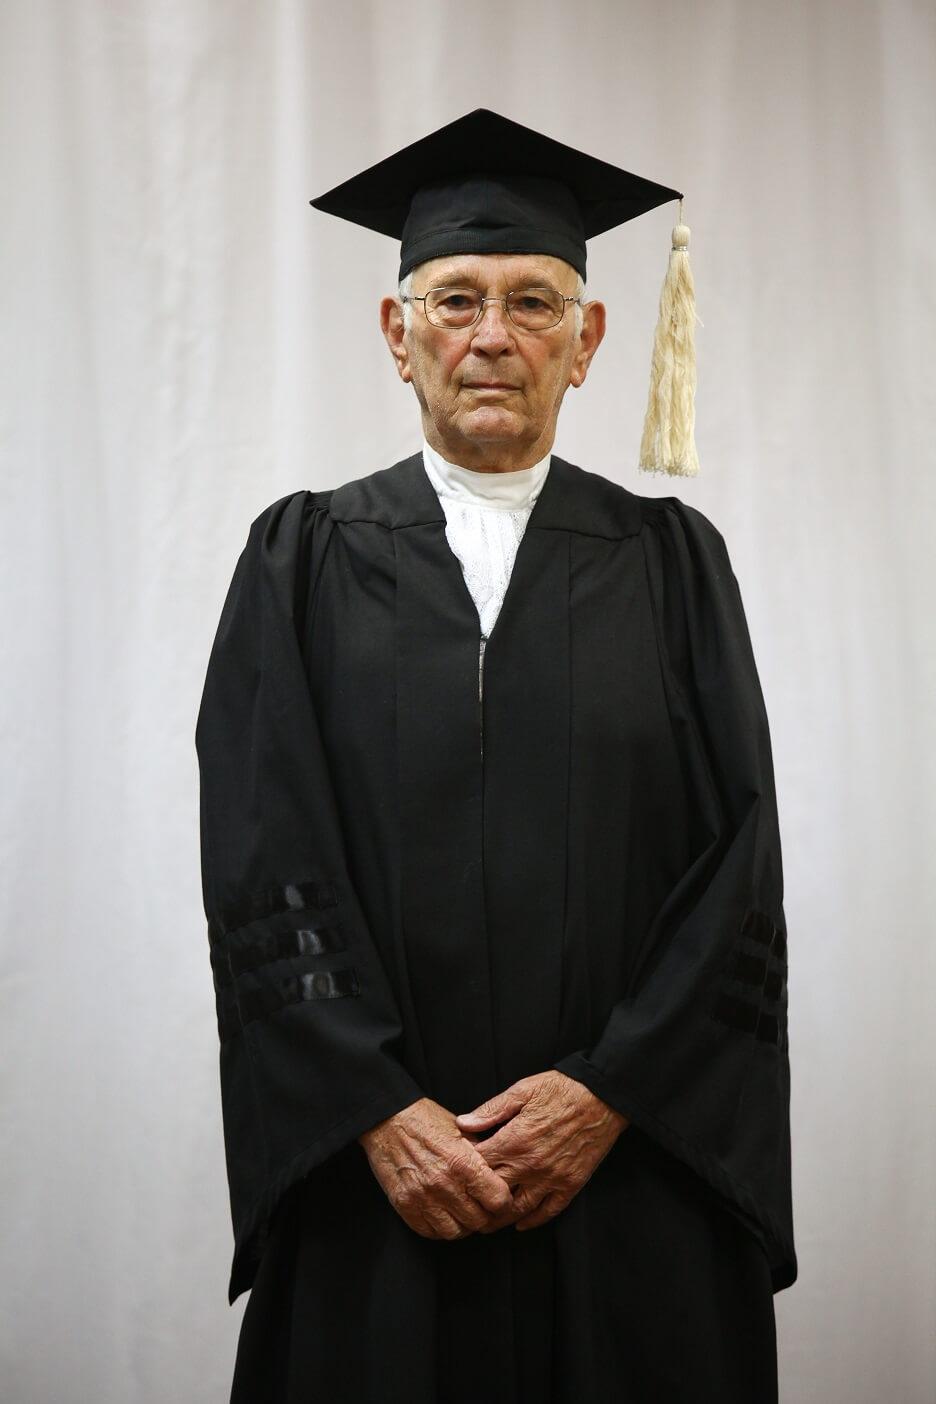 תוצאת תמונה עבור תמונה של עורך דין בריטי